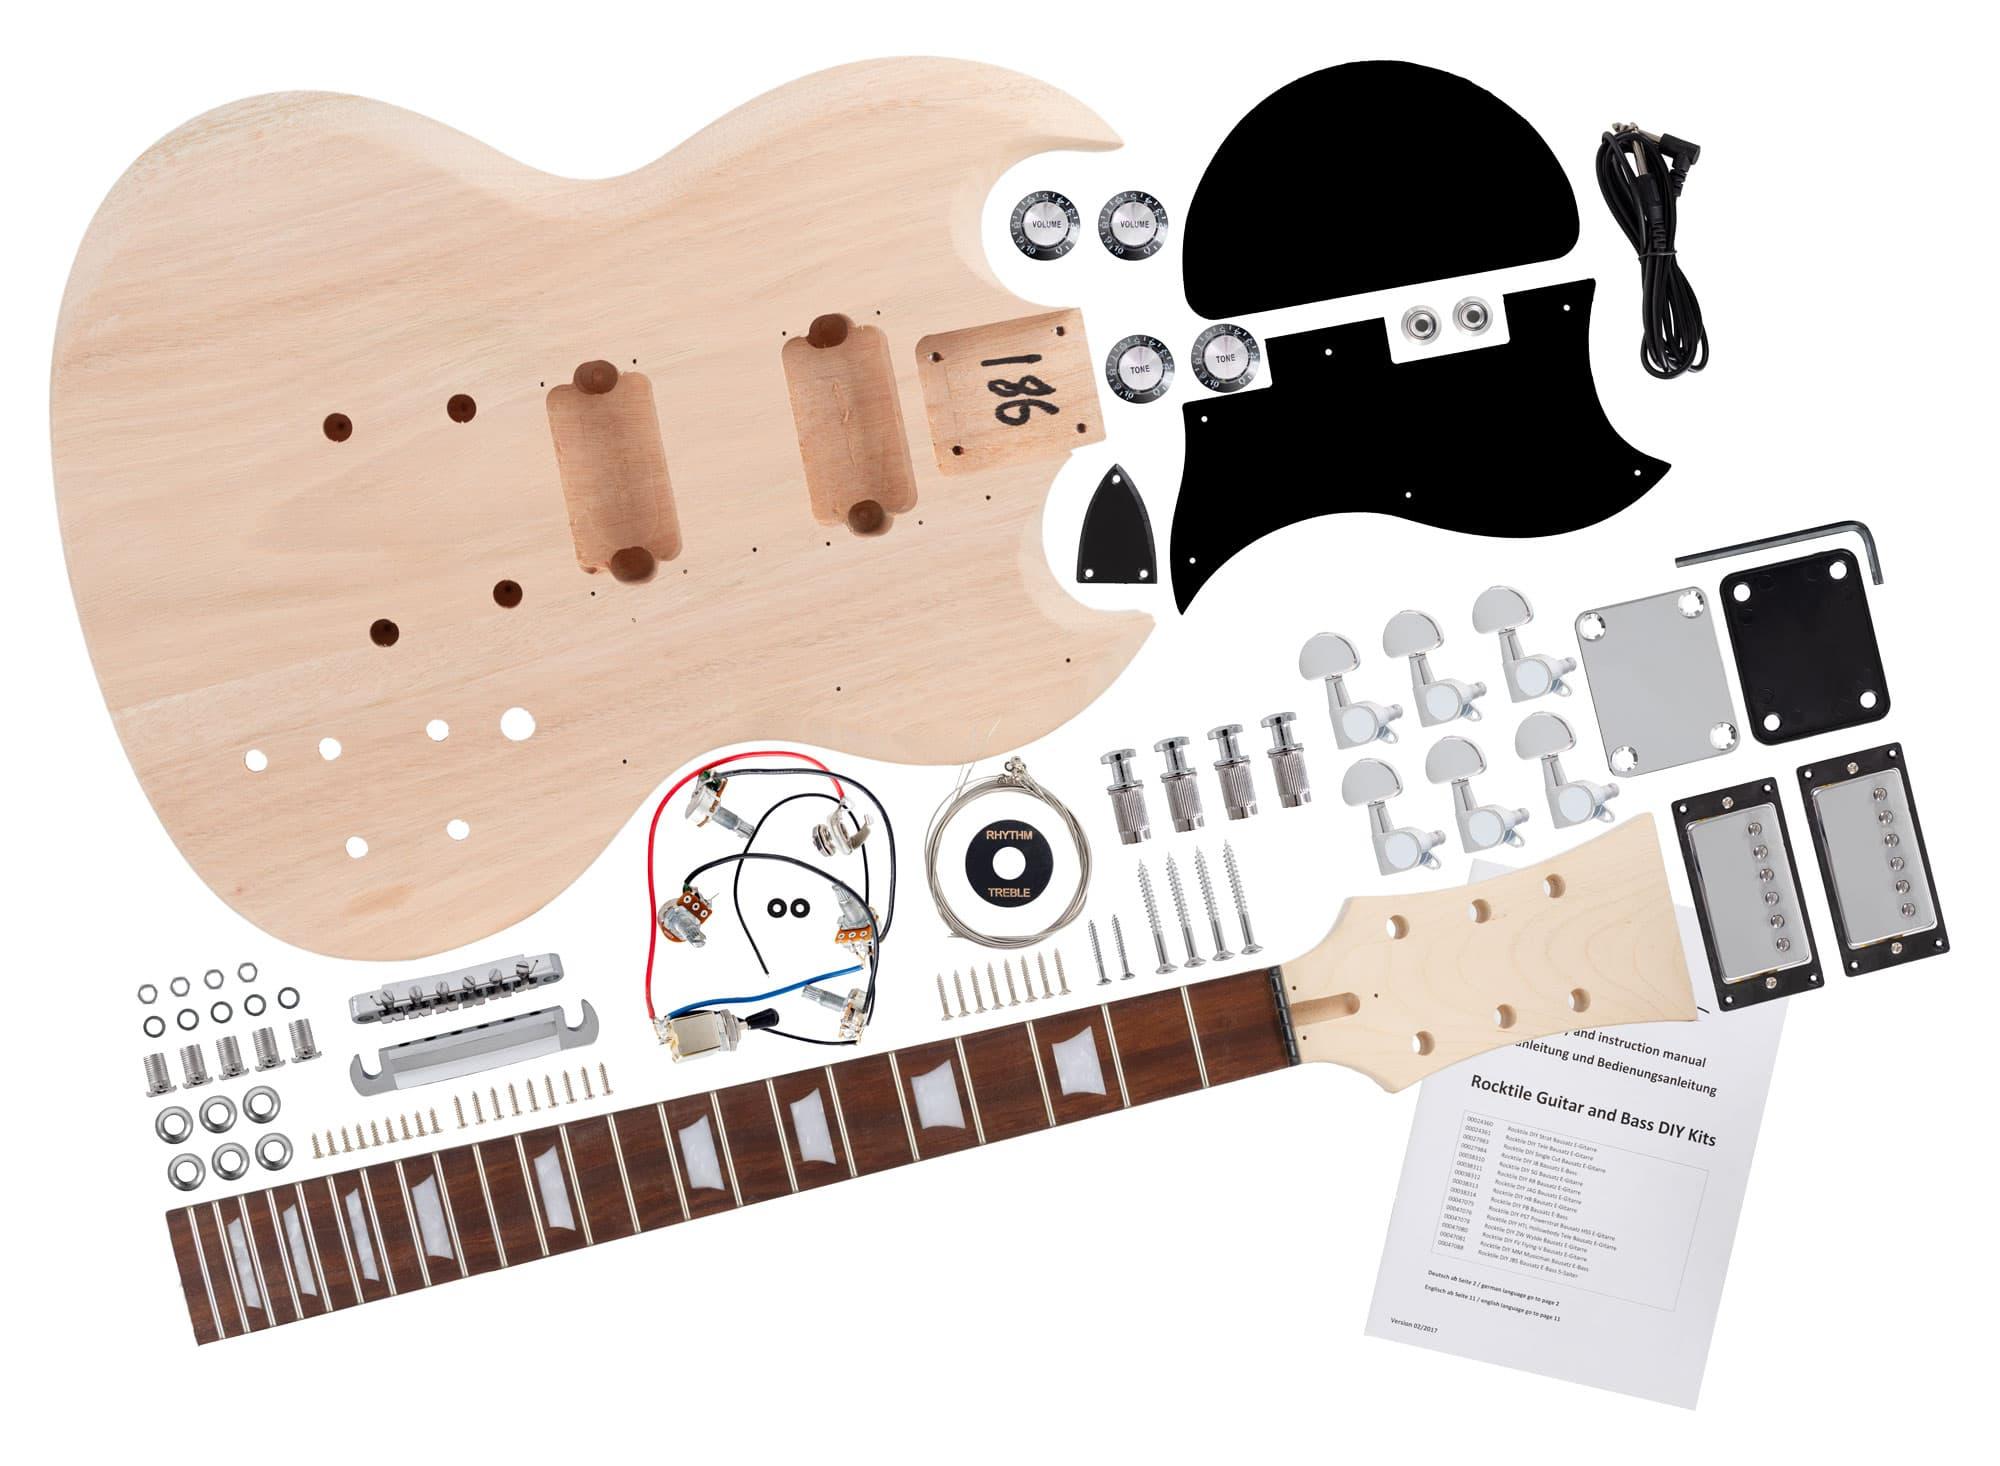 Rocktile E Gitarren Bausatz Double Cut Style Retoure (Zustand sehr gut)